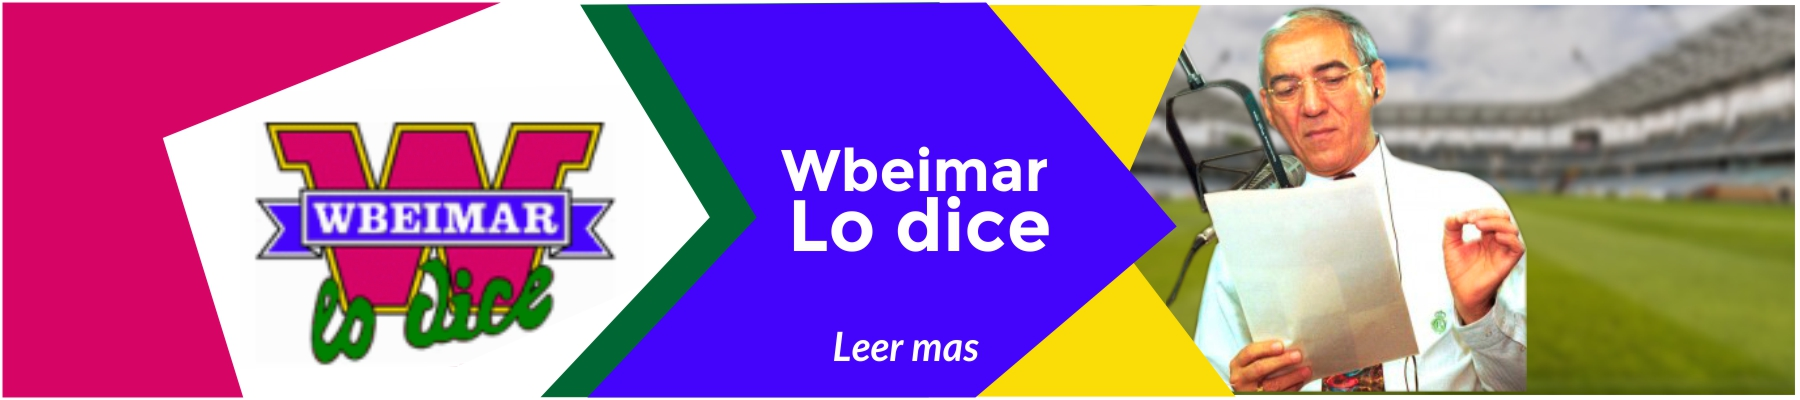 wbeimar-lo-dice